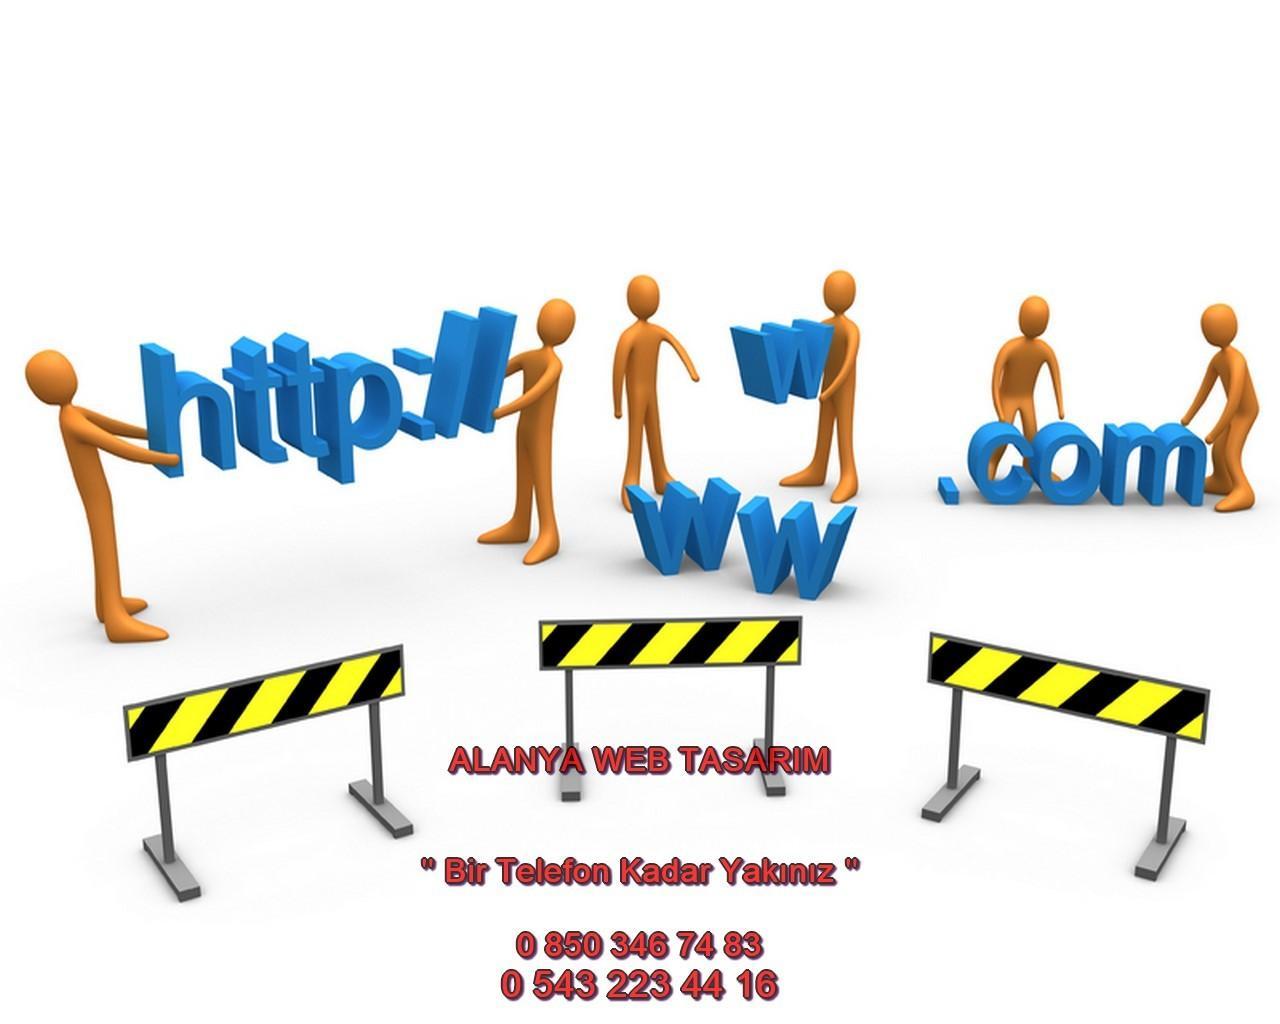 Alanya Web Tasarım